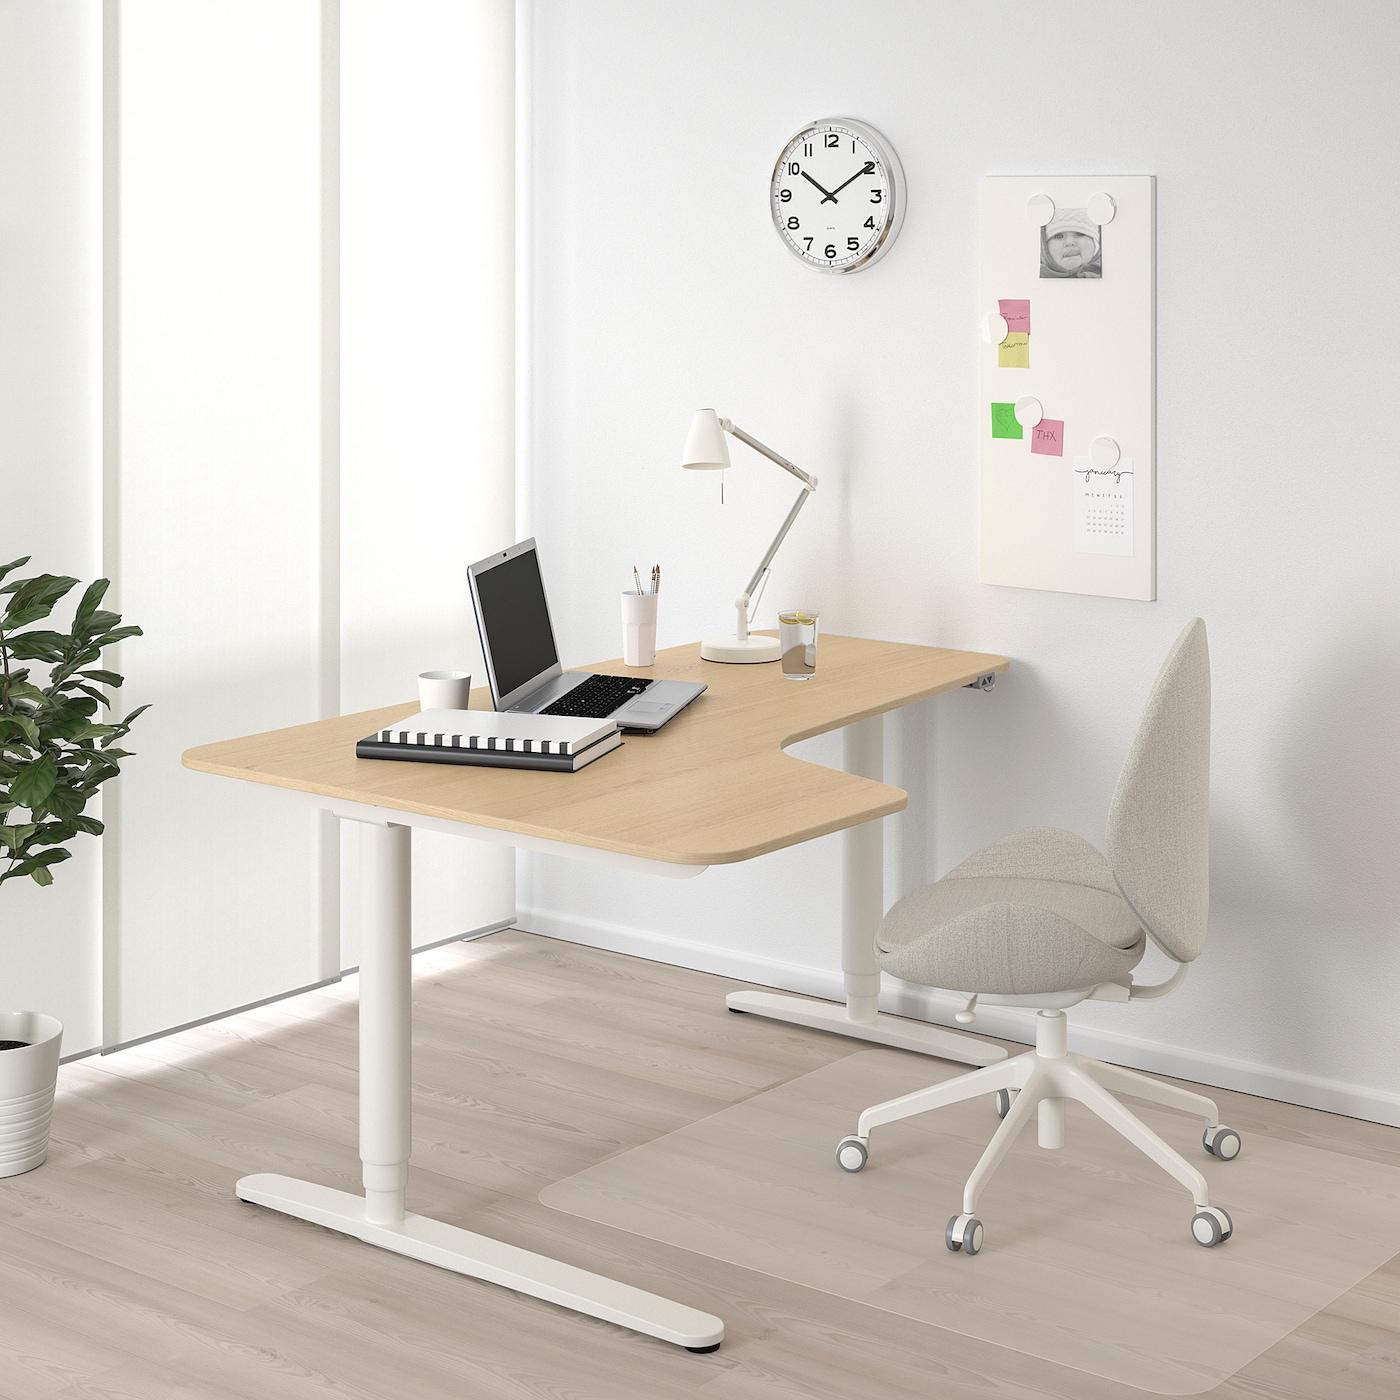 BEKANT Kutni radni stol, sjed/staj L, bijelo bajcani hrastov furnir/bijela, 160x110 cm